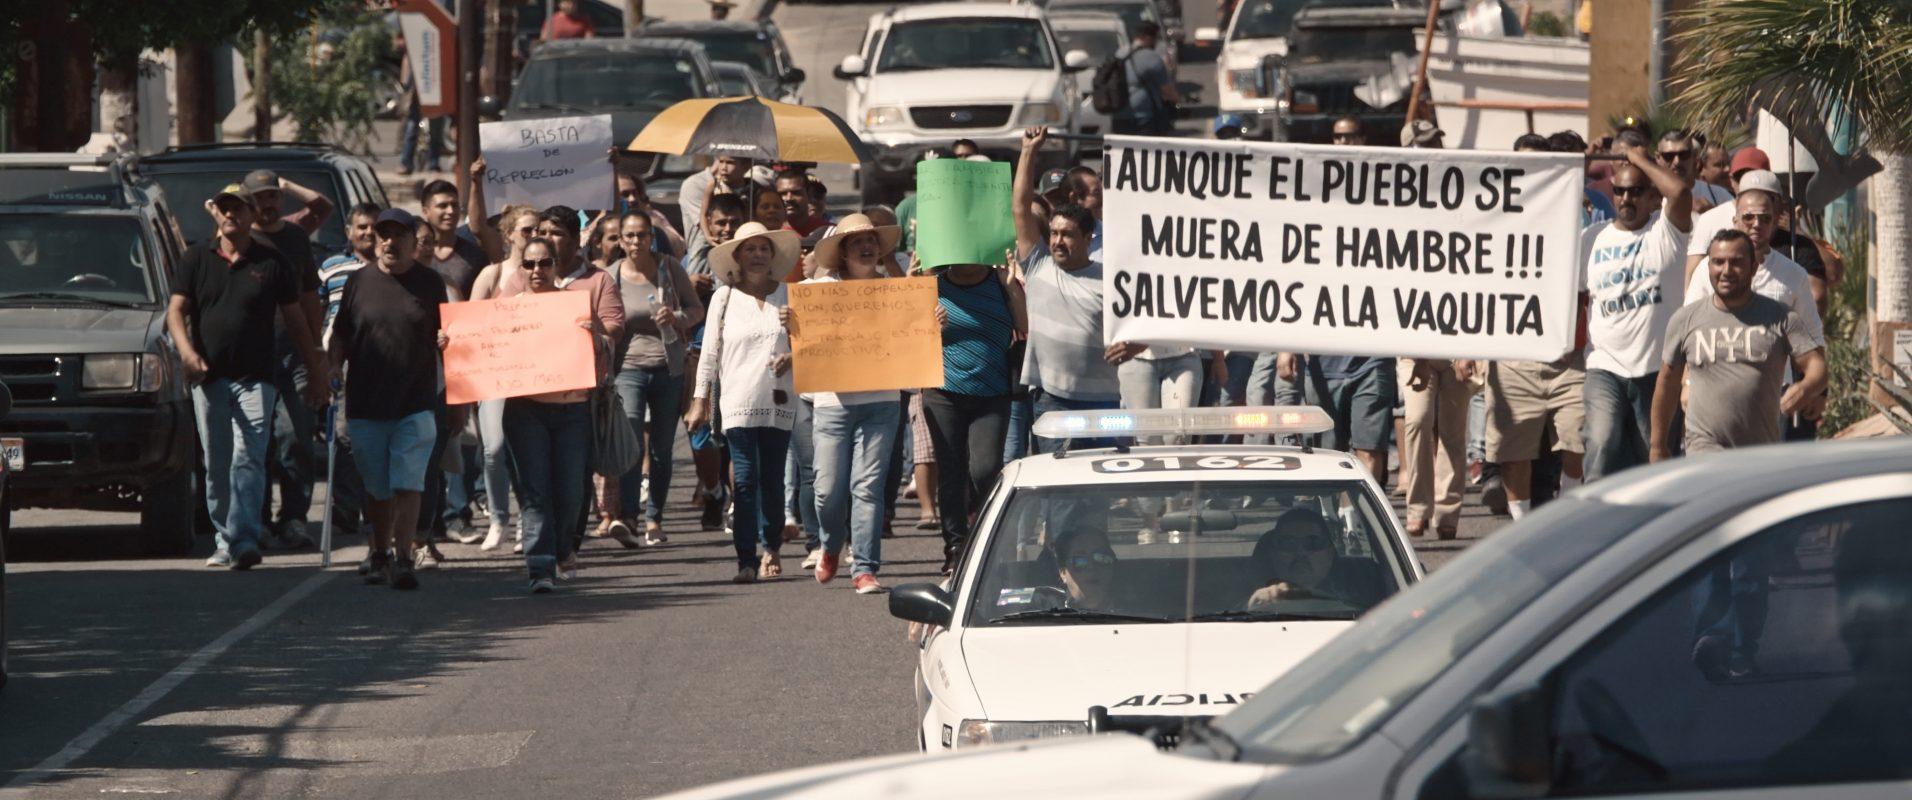 vaquita protest